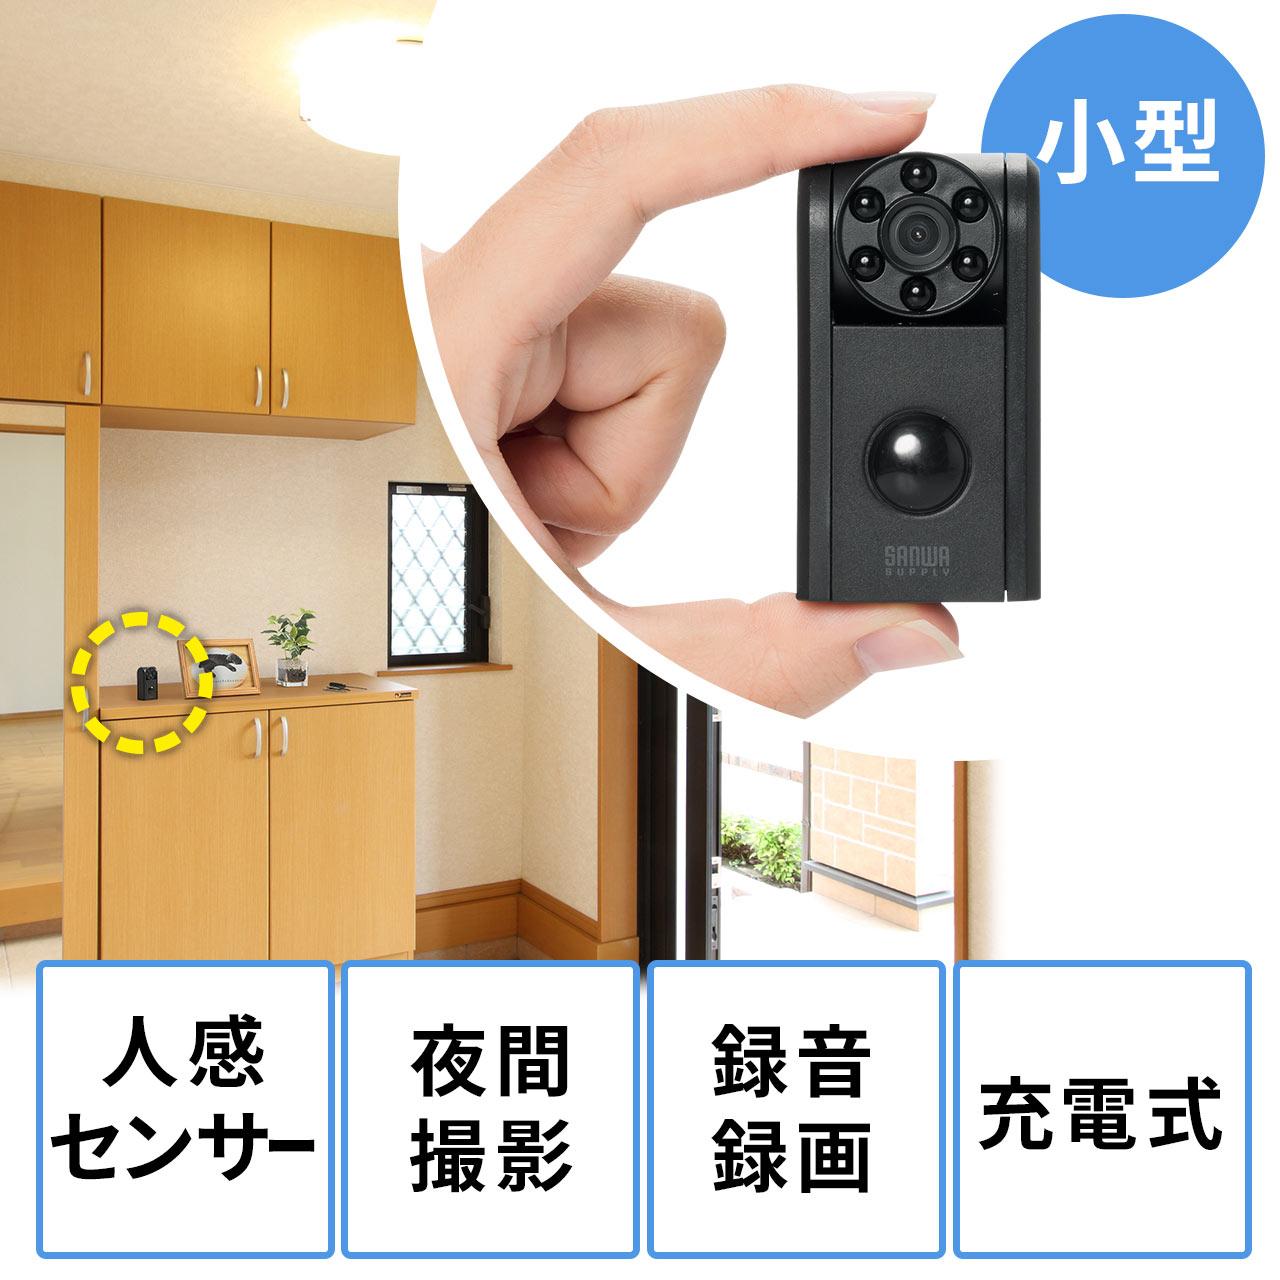 小型防犯カメラ(家庭用・HD画質・赤外線LED・セキュリティーカメラ・赤外線感知・音声記録可能・ブラック) サンワダイレクト サンワサプライ 400-CAM062